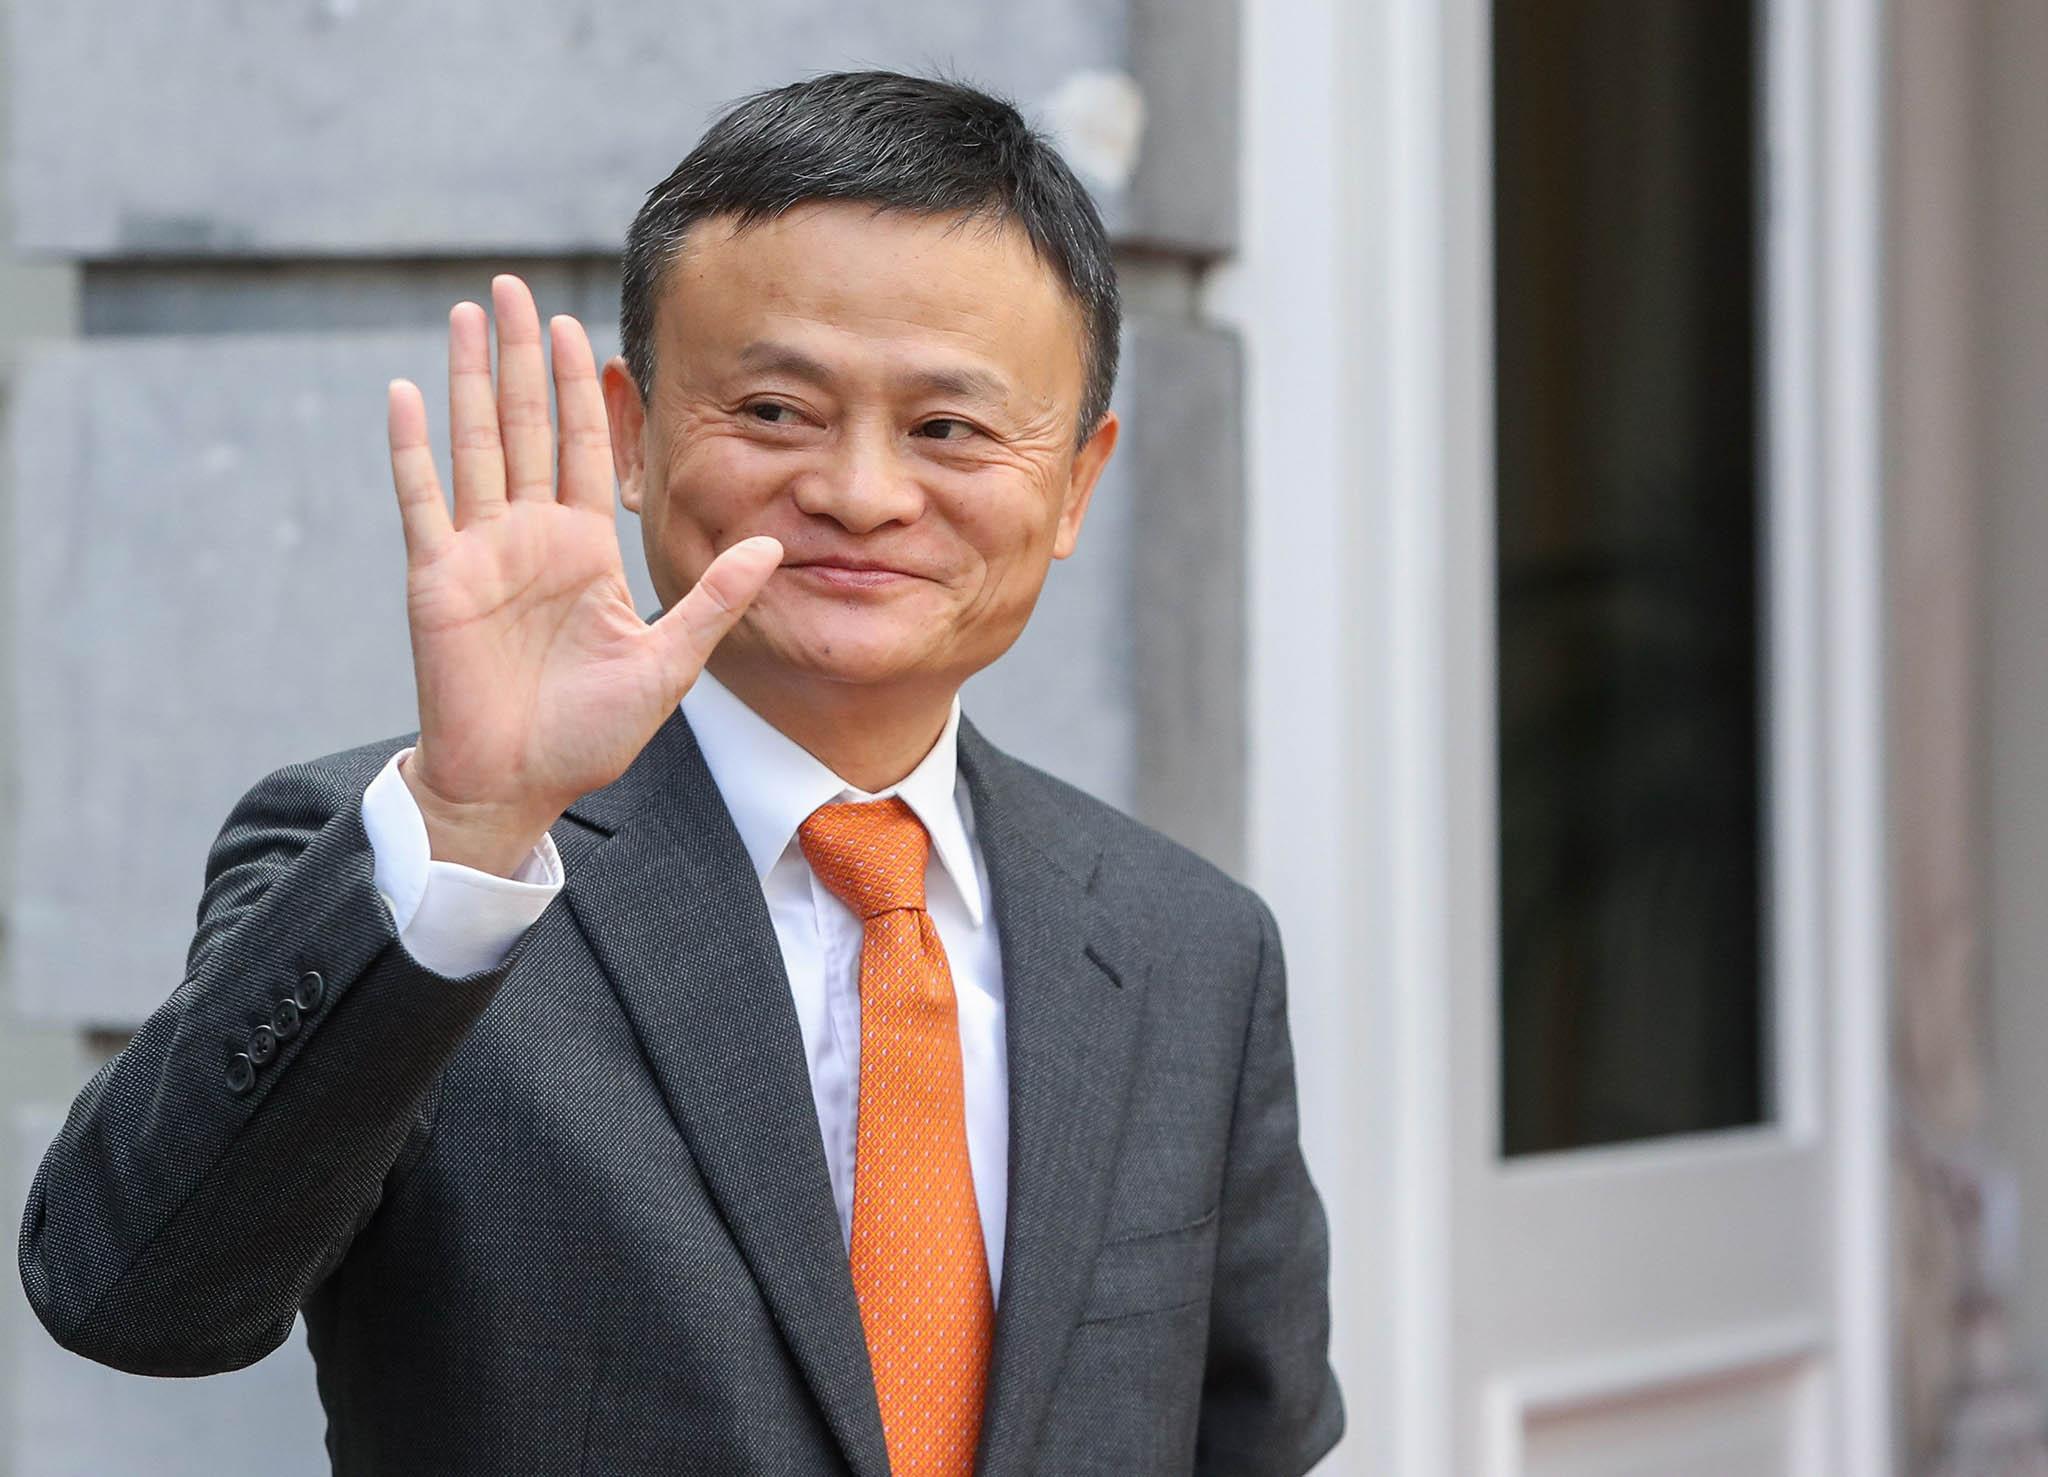 Tecnologia | Jack Ma anuncia que vai deixar presidência do grupo Alibaba